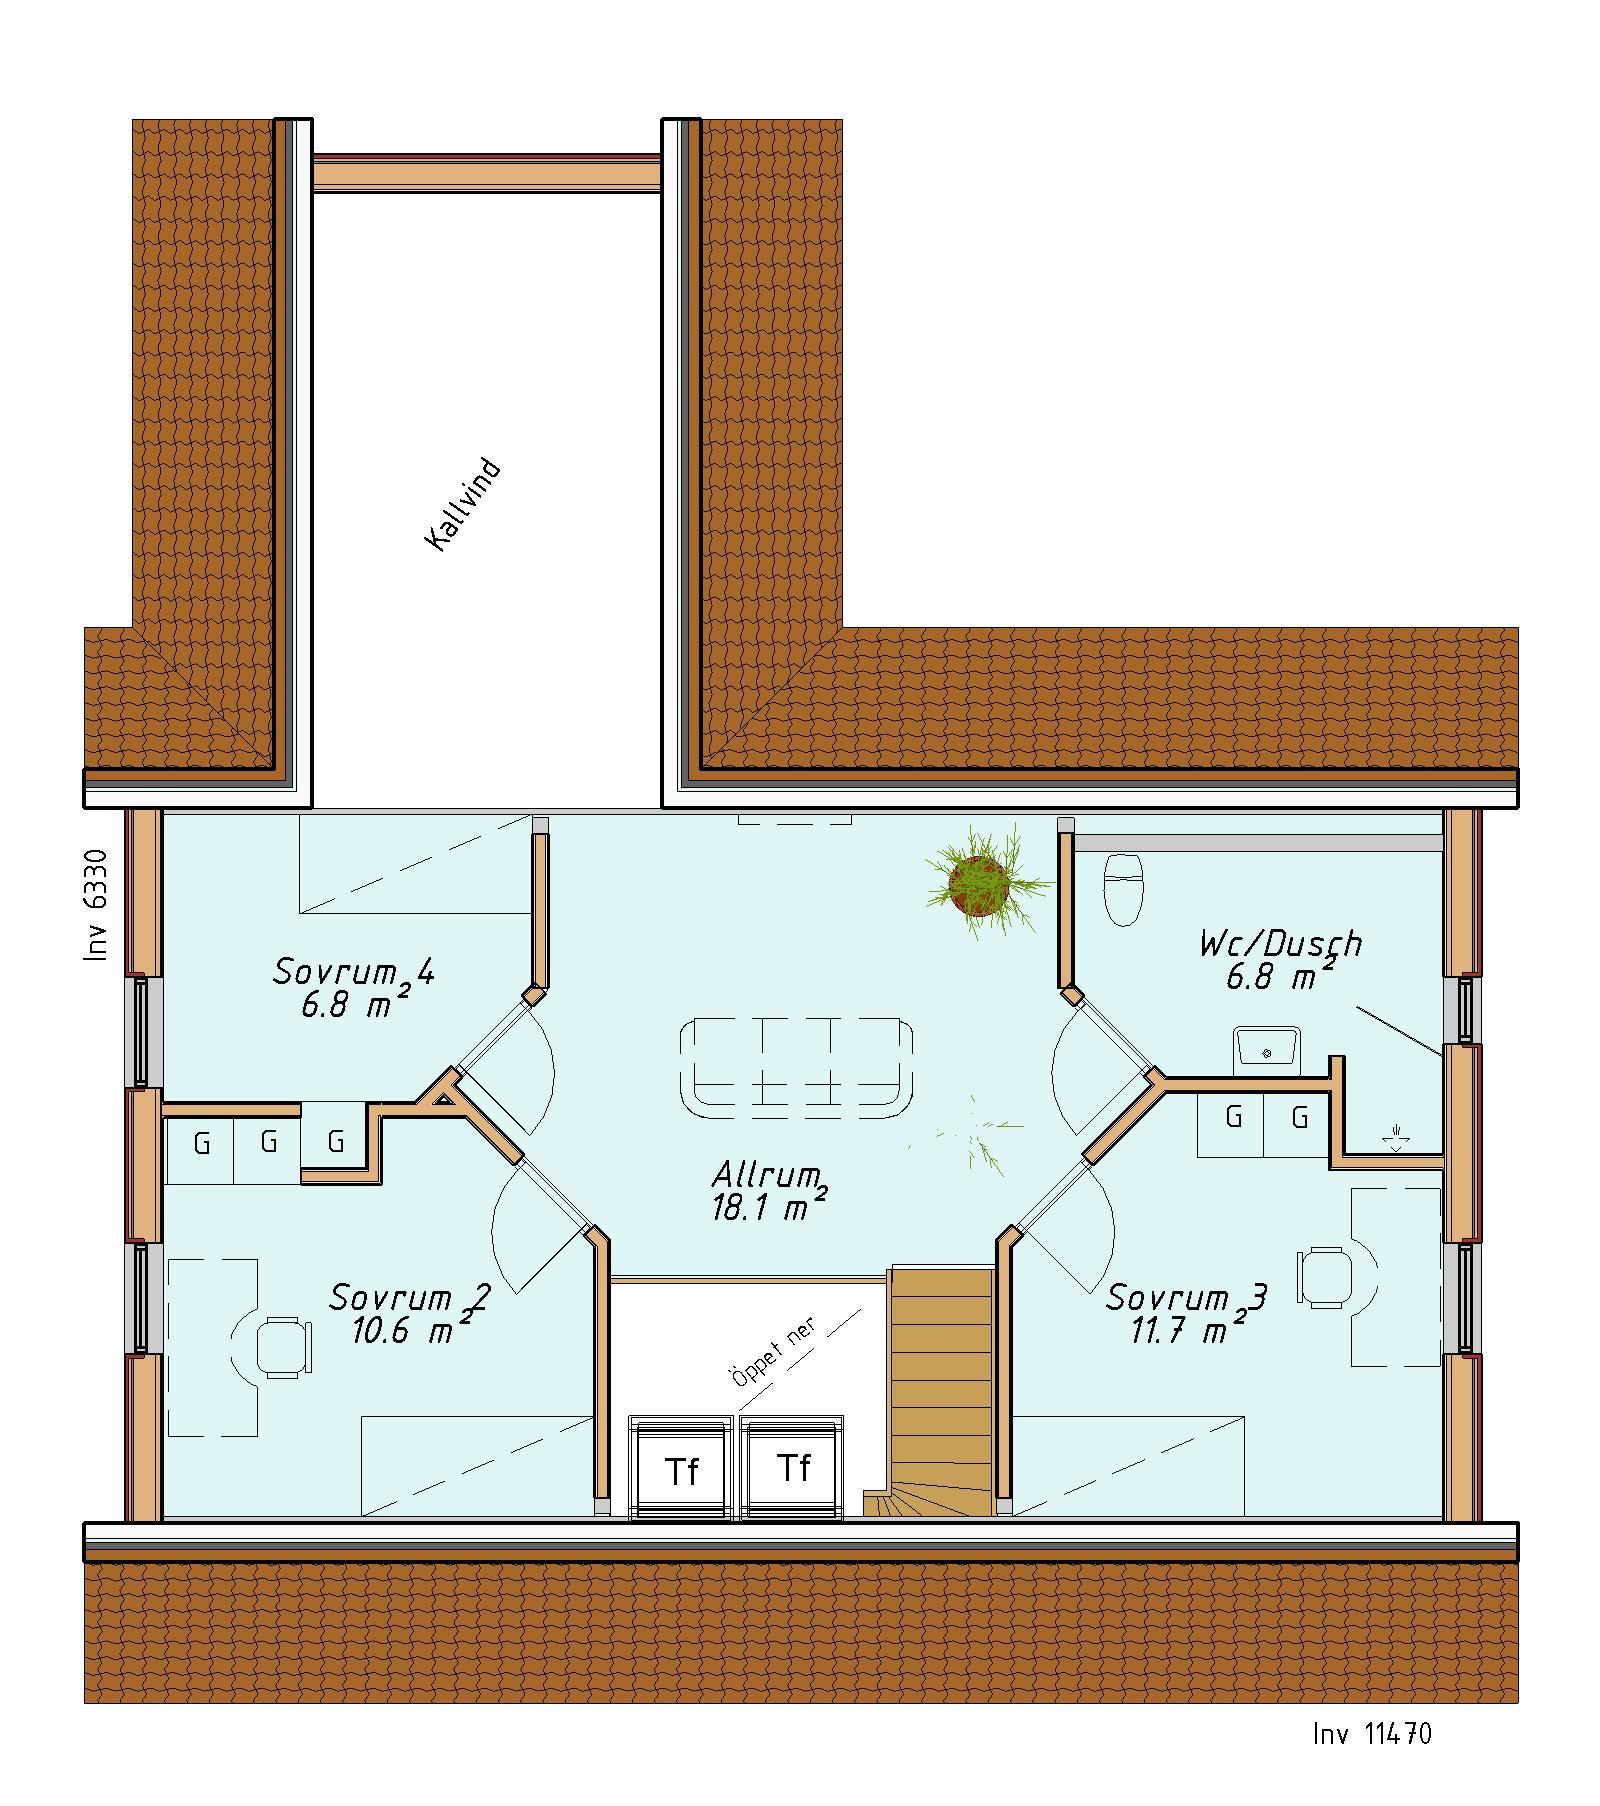 planlosningsbild 2 av BJÖRNHOLM